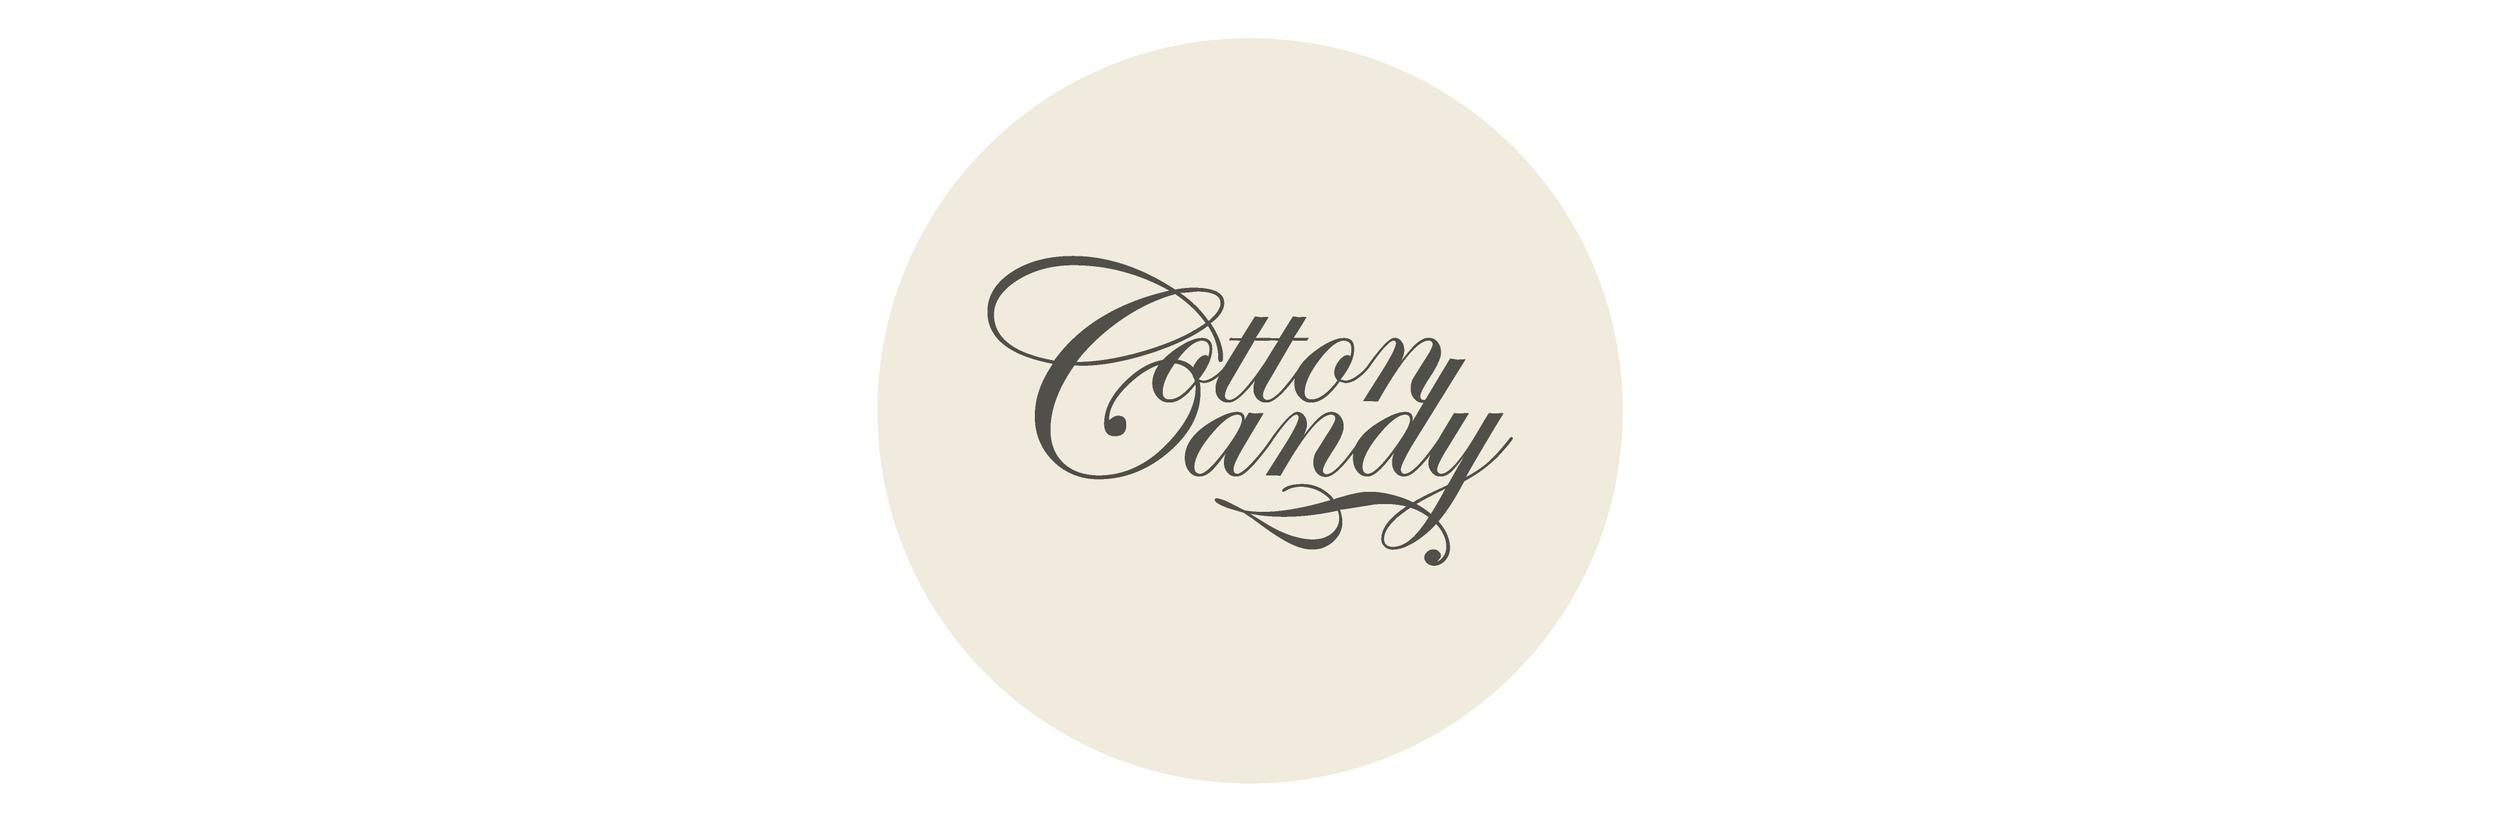 bubbelworkshop | cottoncandy